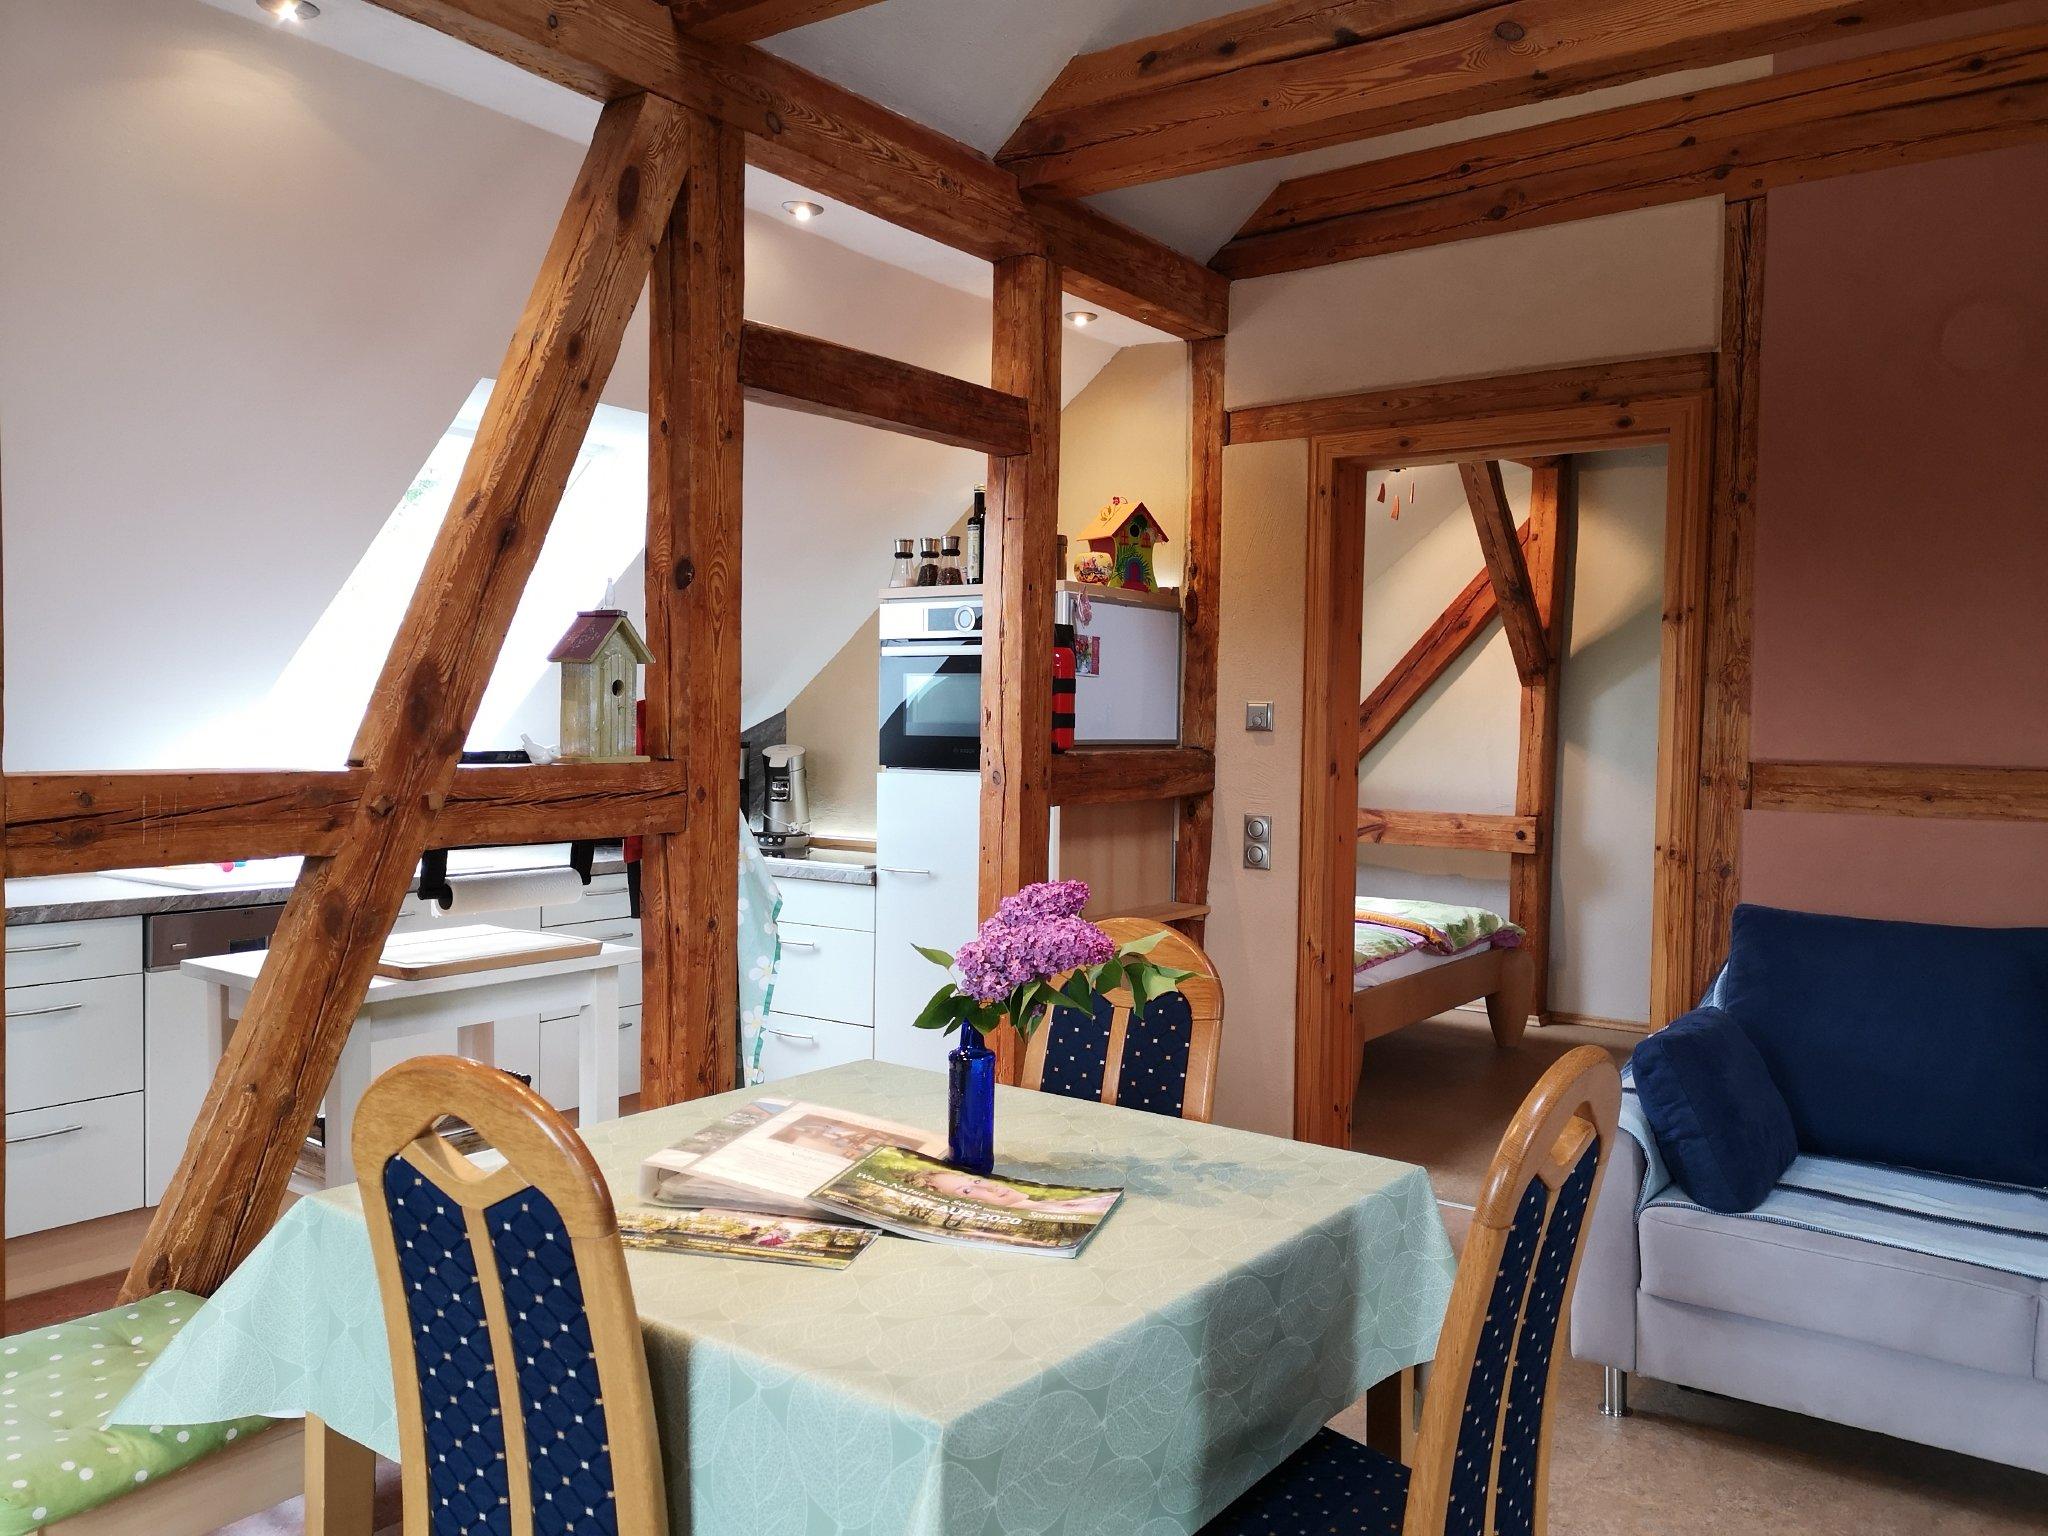 Ferienwohnung Vogelhaus in Calau Brandenburg (Susanne Ziegler)